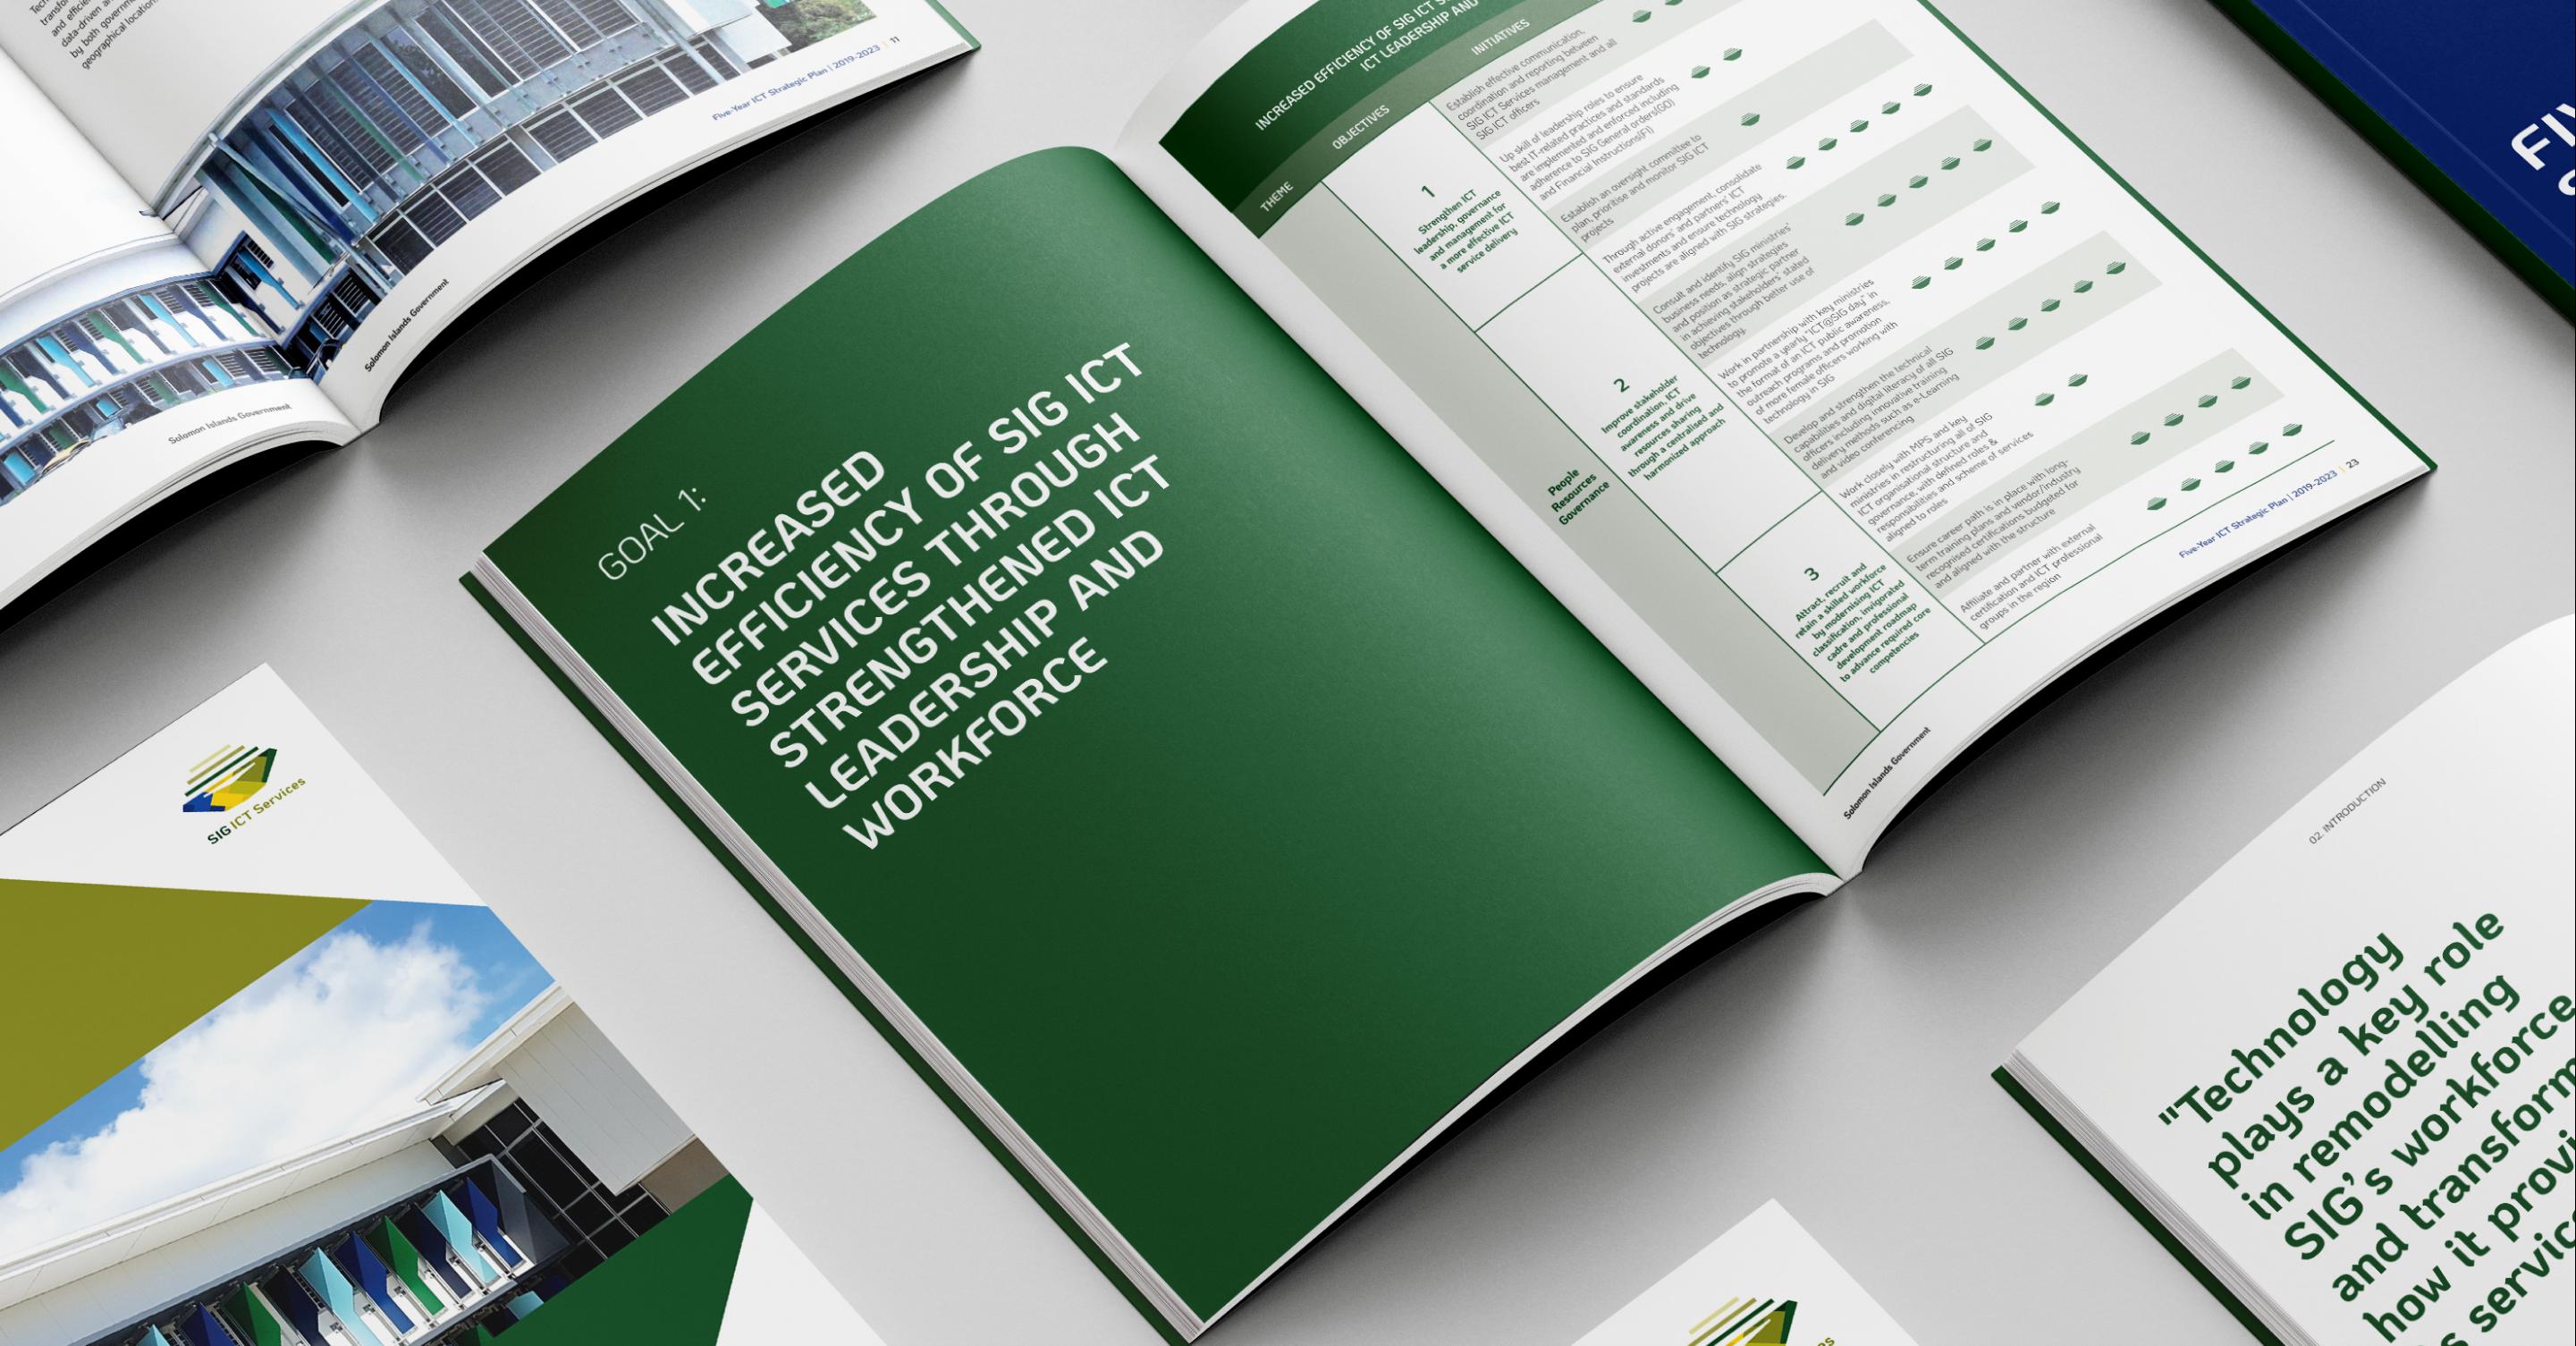 ICTSU brochure